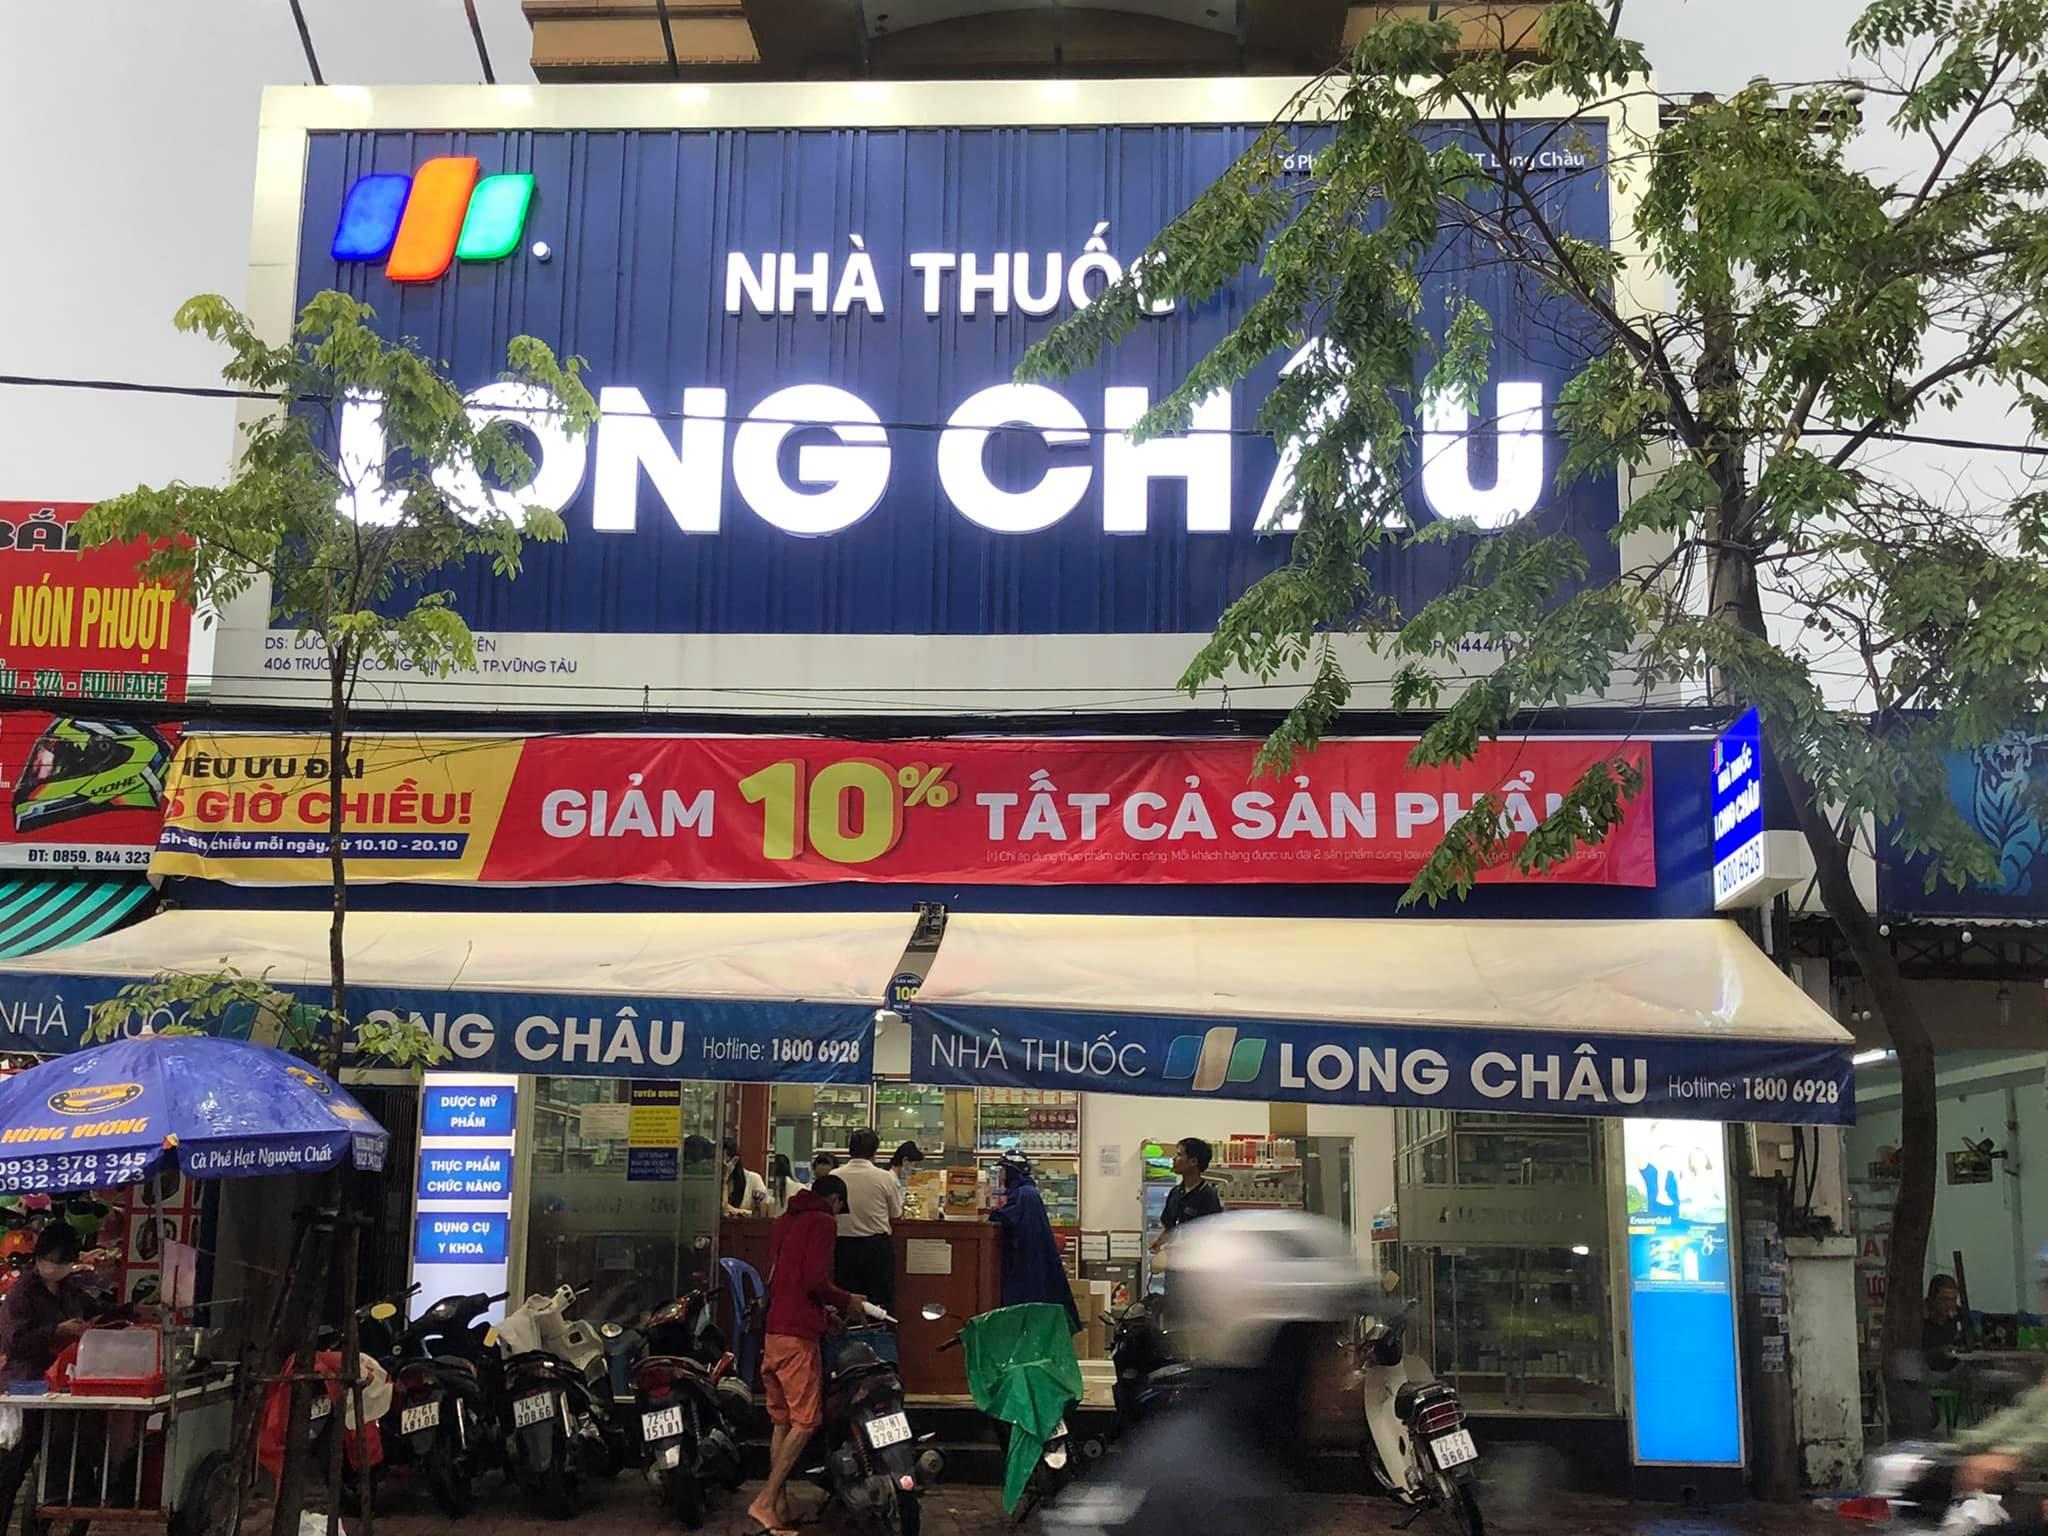 Bảng hiệu nhà thuốc Long Châu